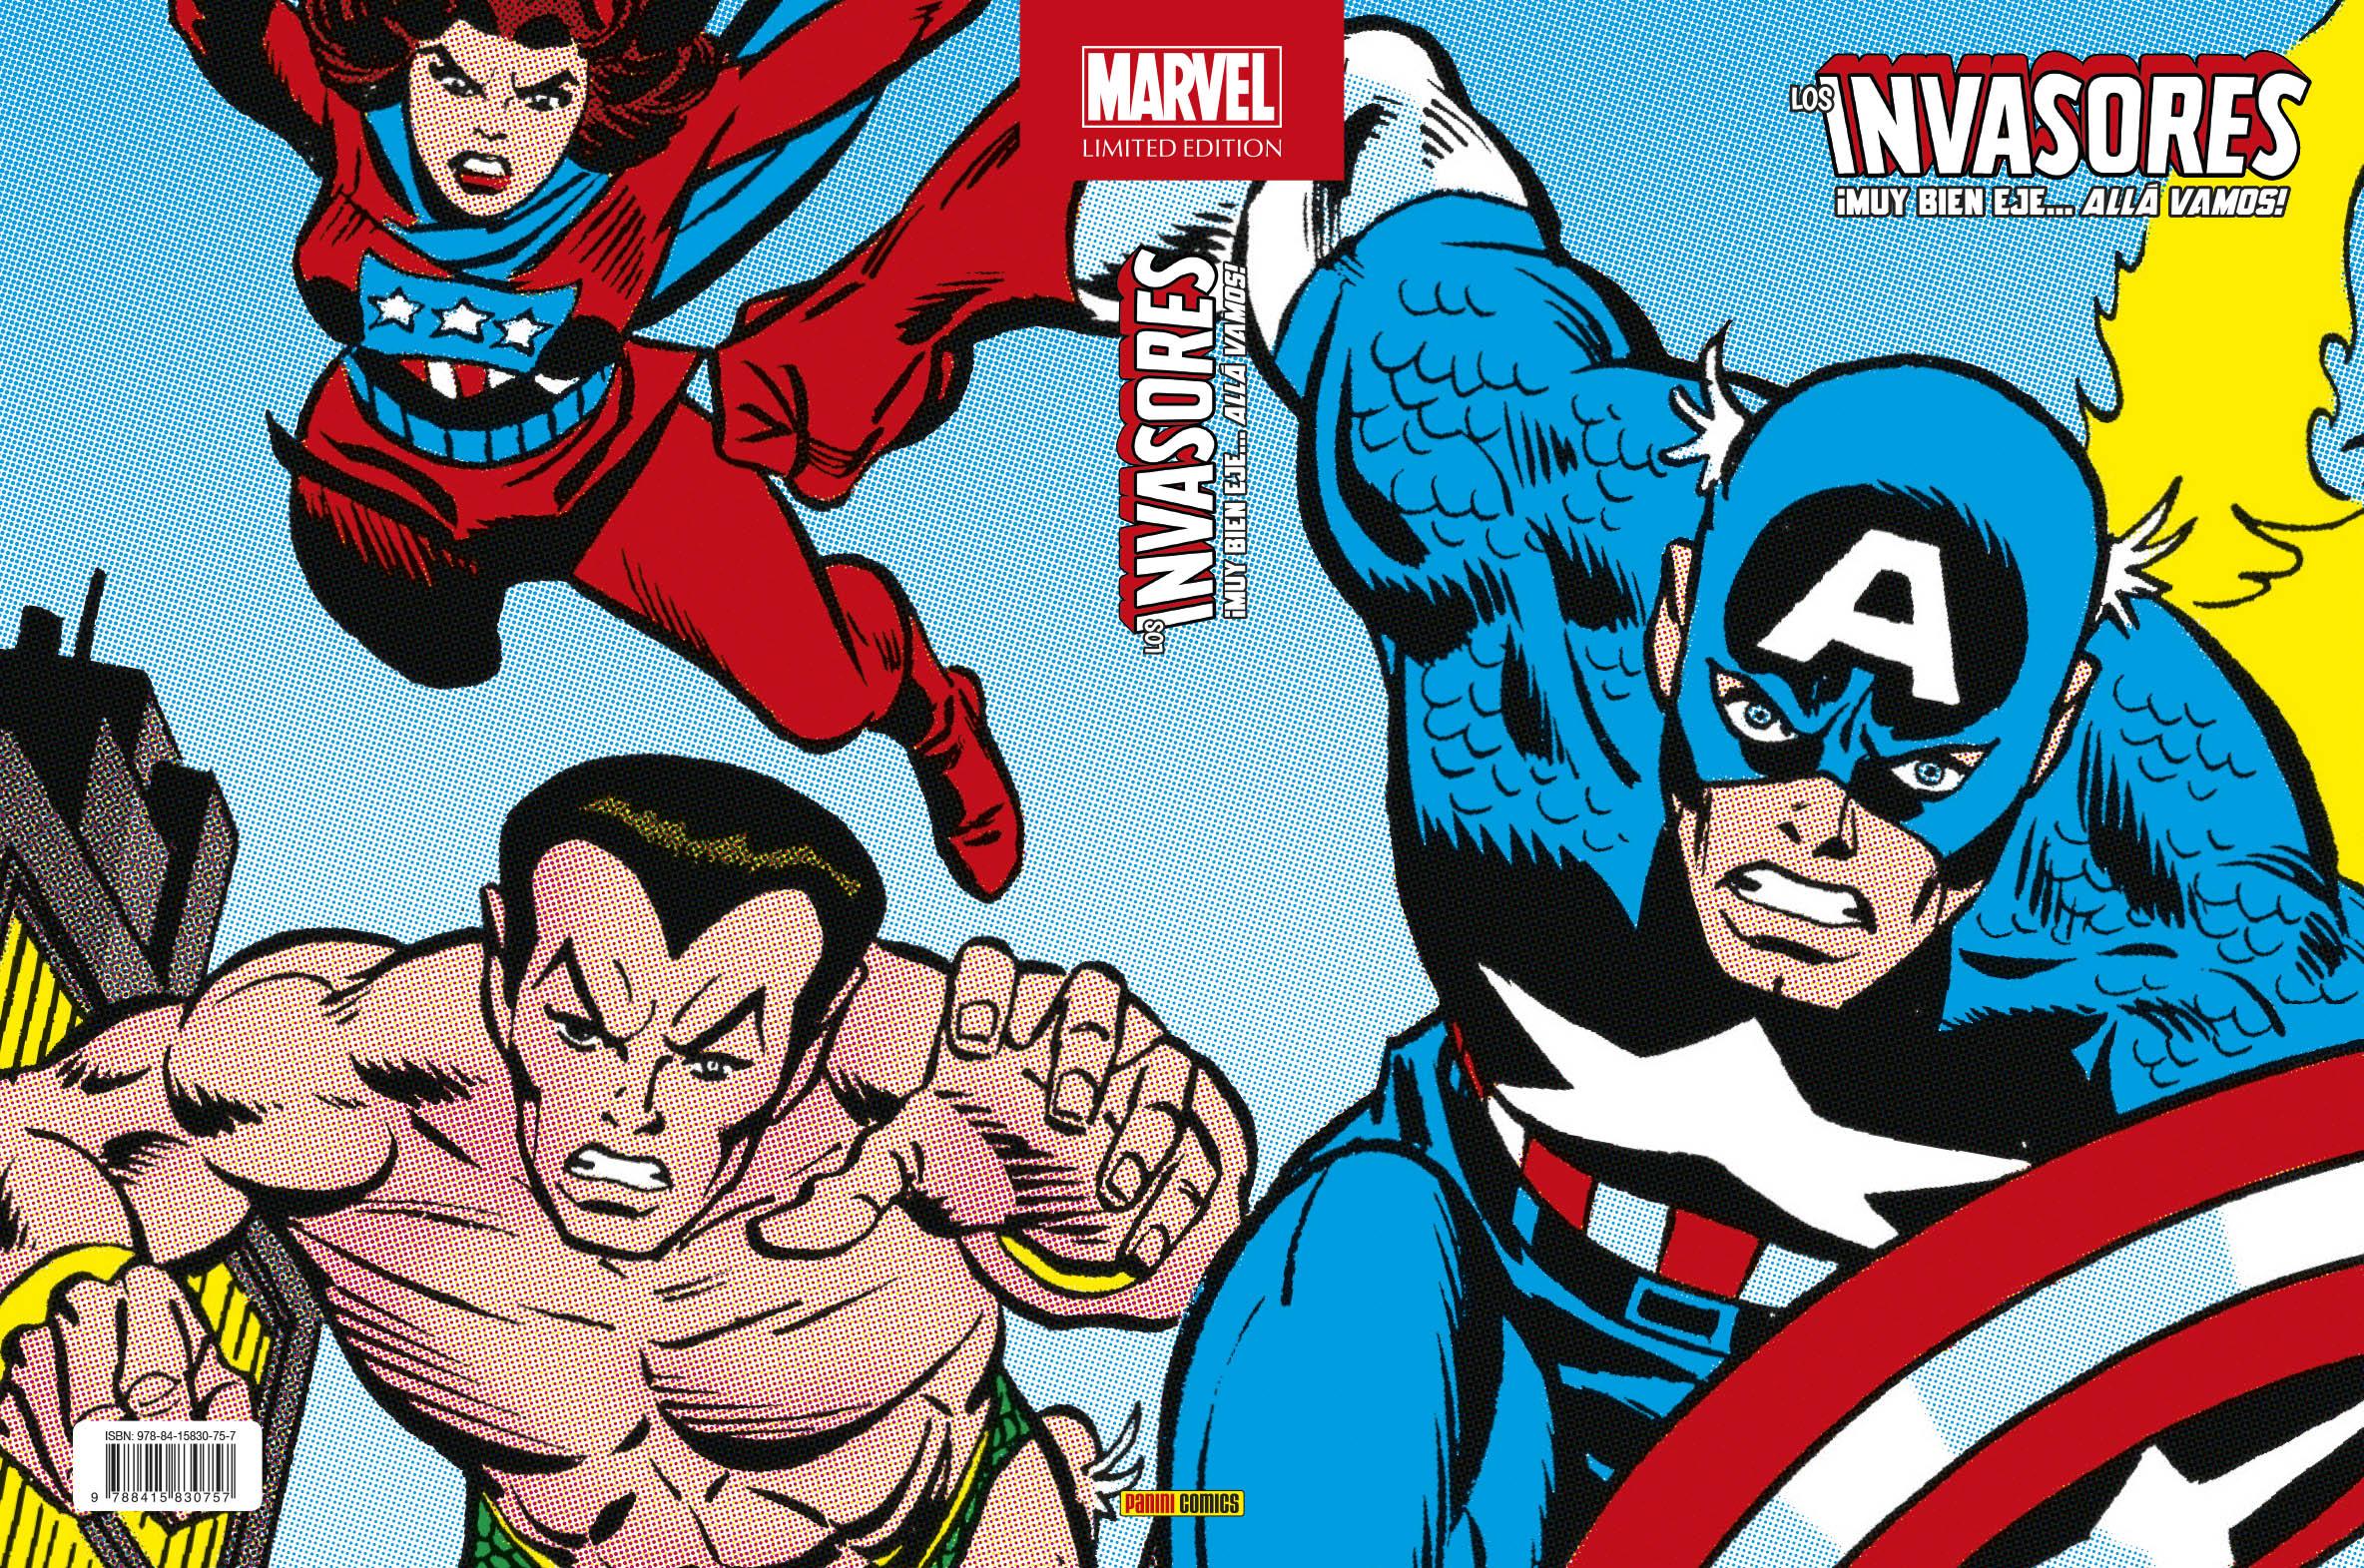 Marvel Limited Edition. Los Invasores 1